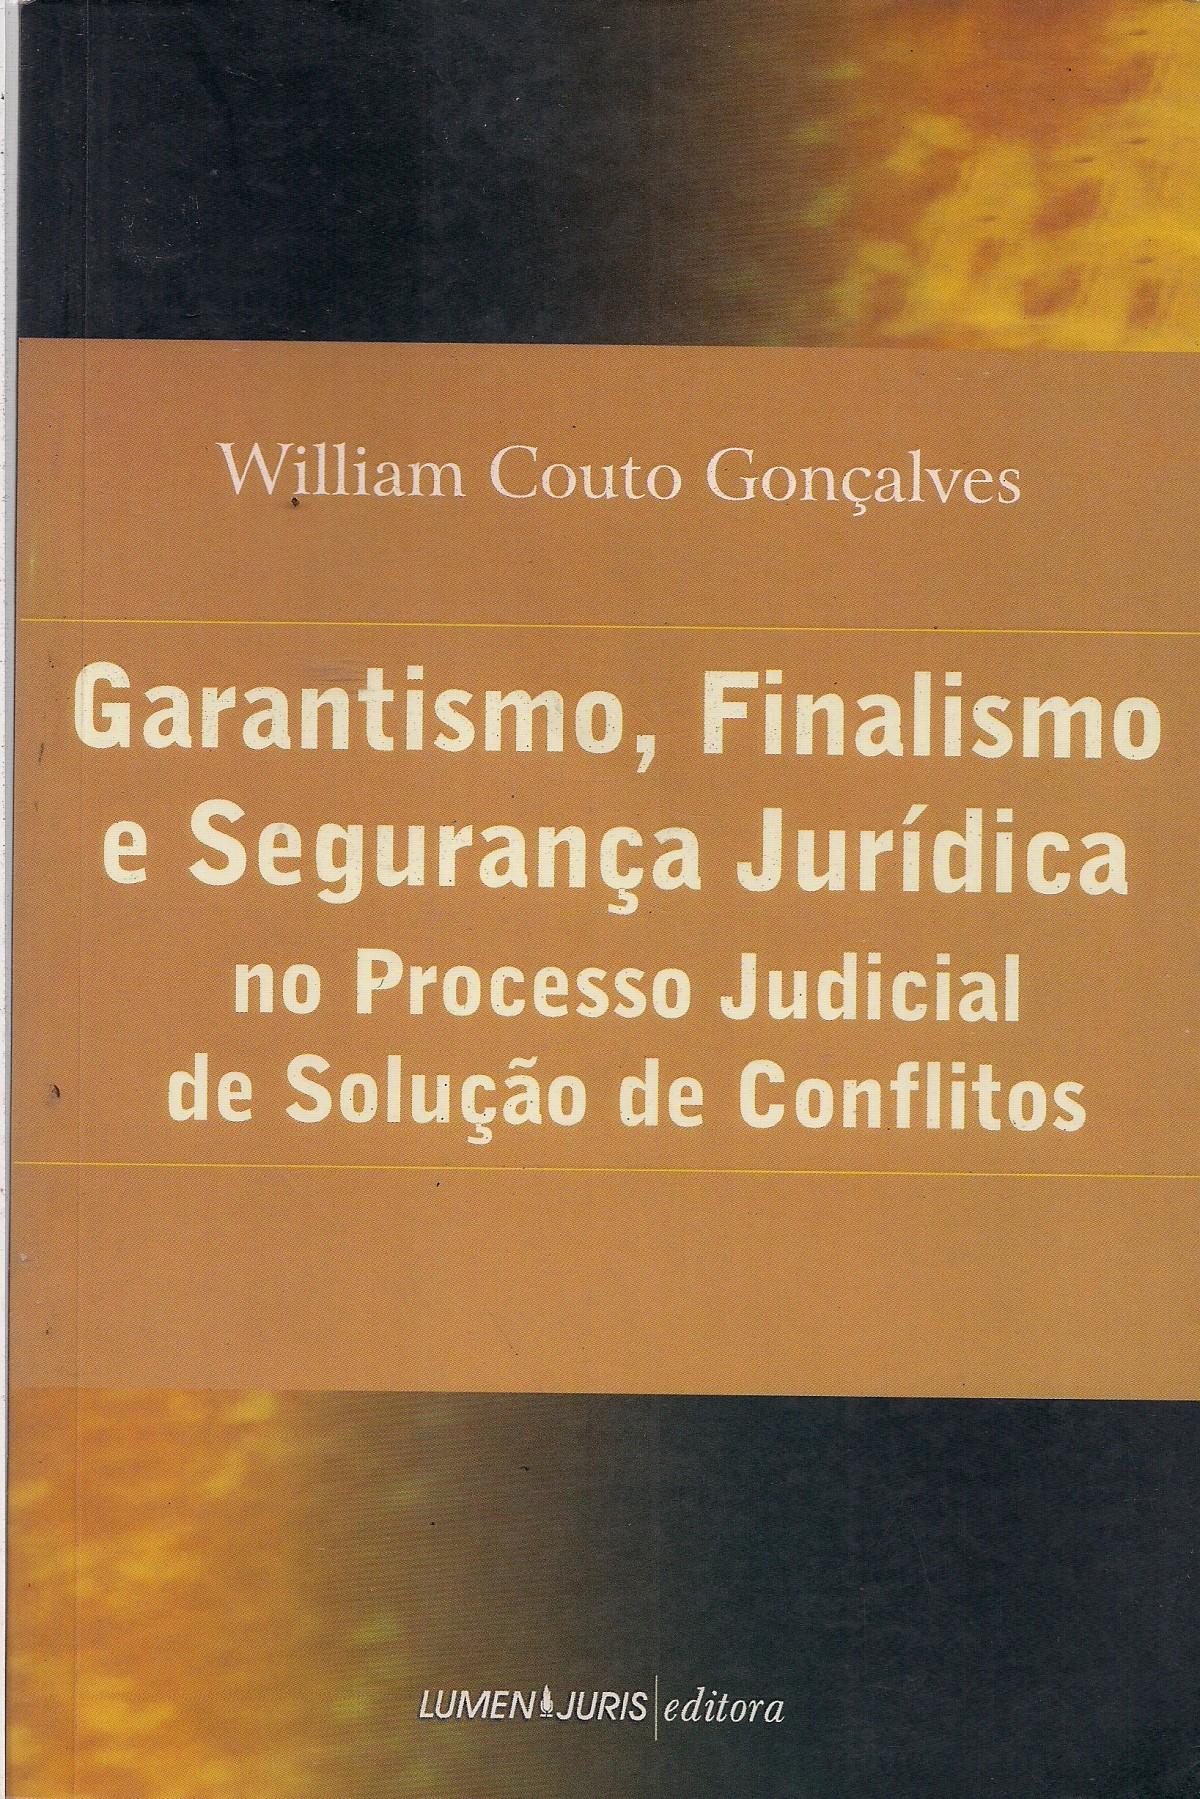 Foto 1 - Garantismo, Finalismo e Segurança Jurídica no Processo Judicial de Solução de Conflitos